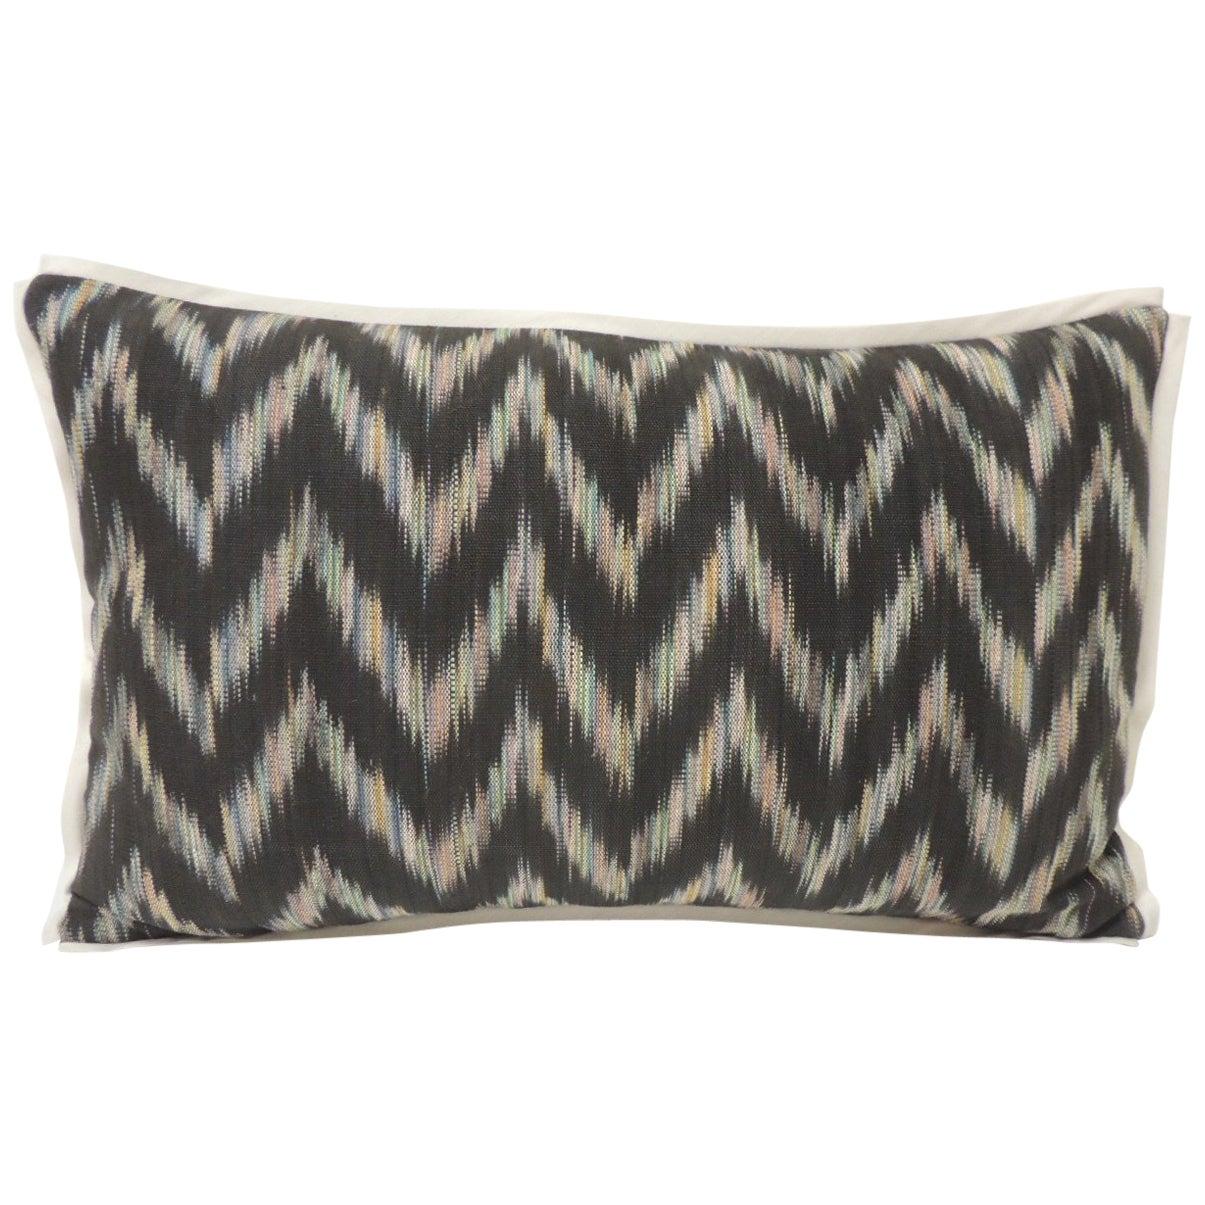 Vintage Ikat Woven Blue and Grey Decorative Lumbar Pillow